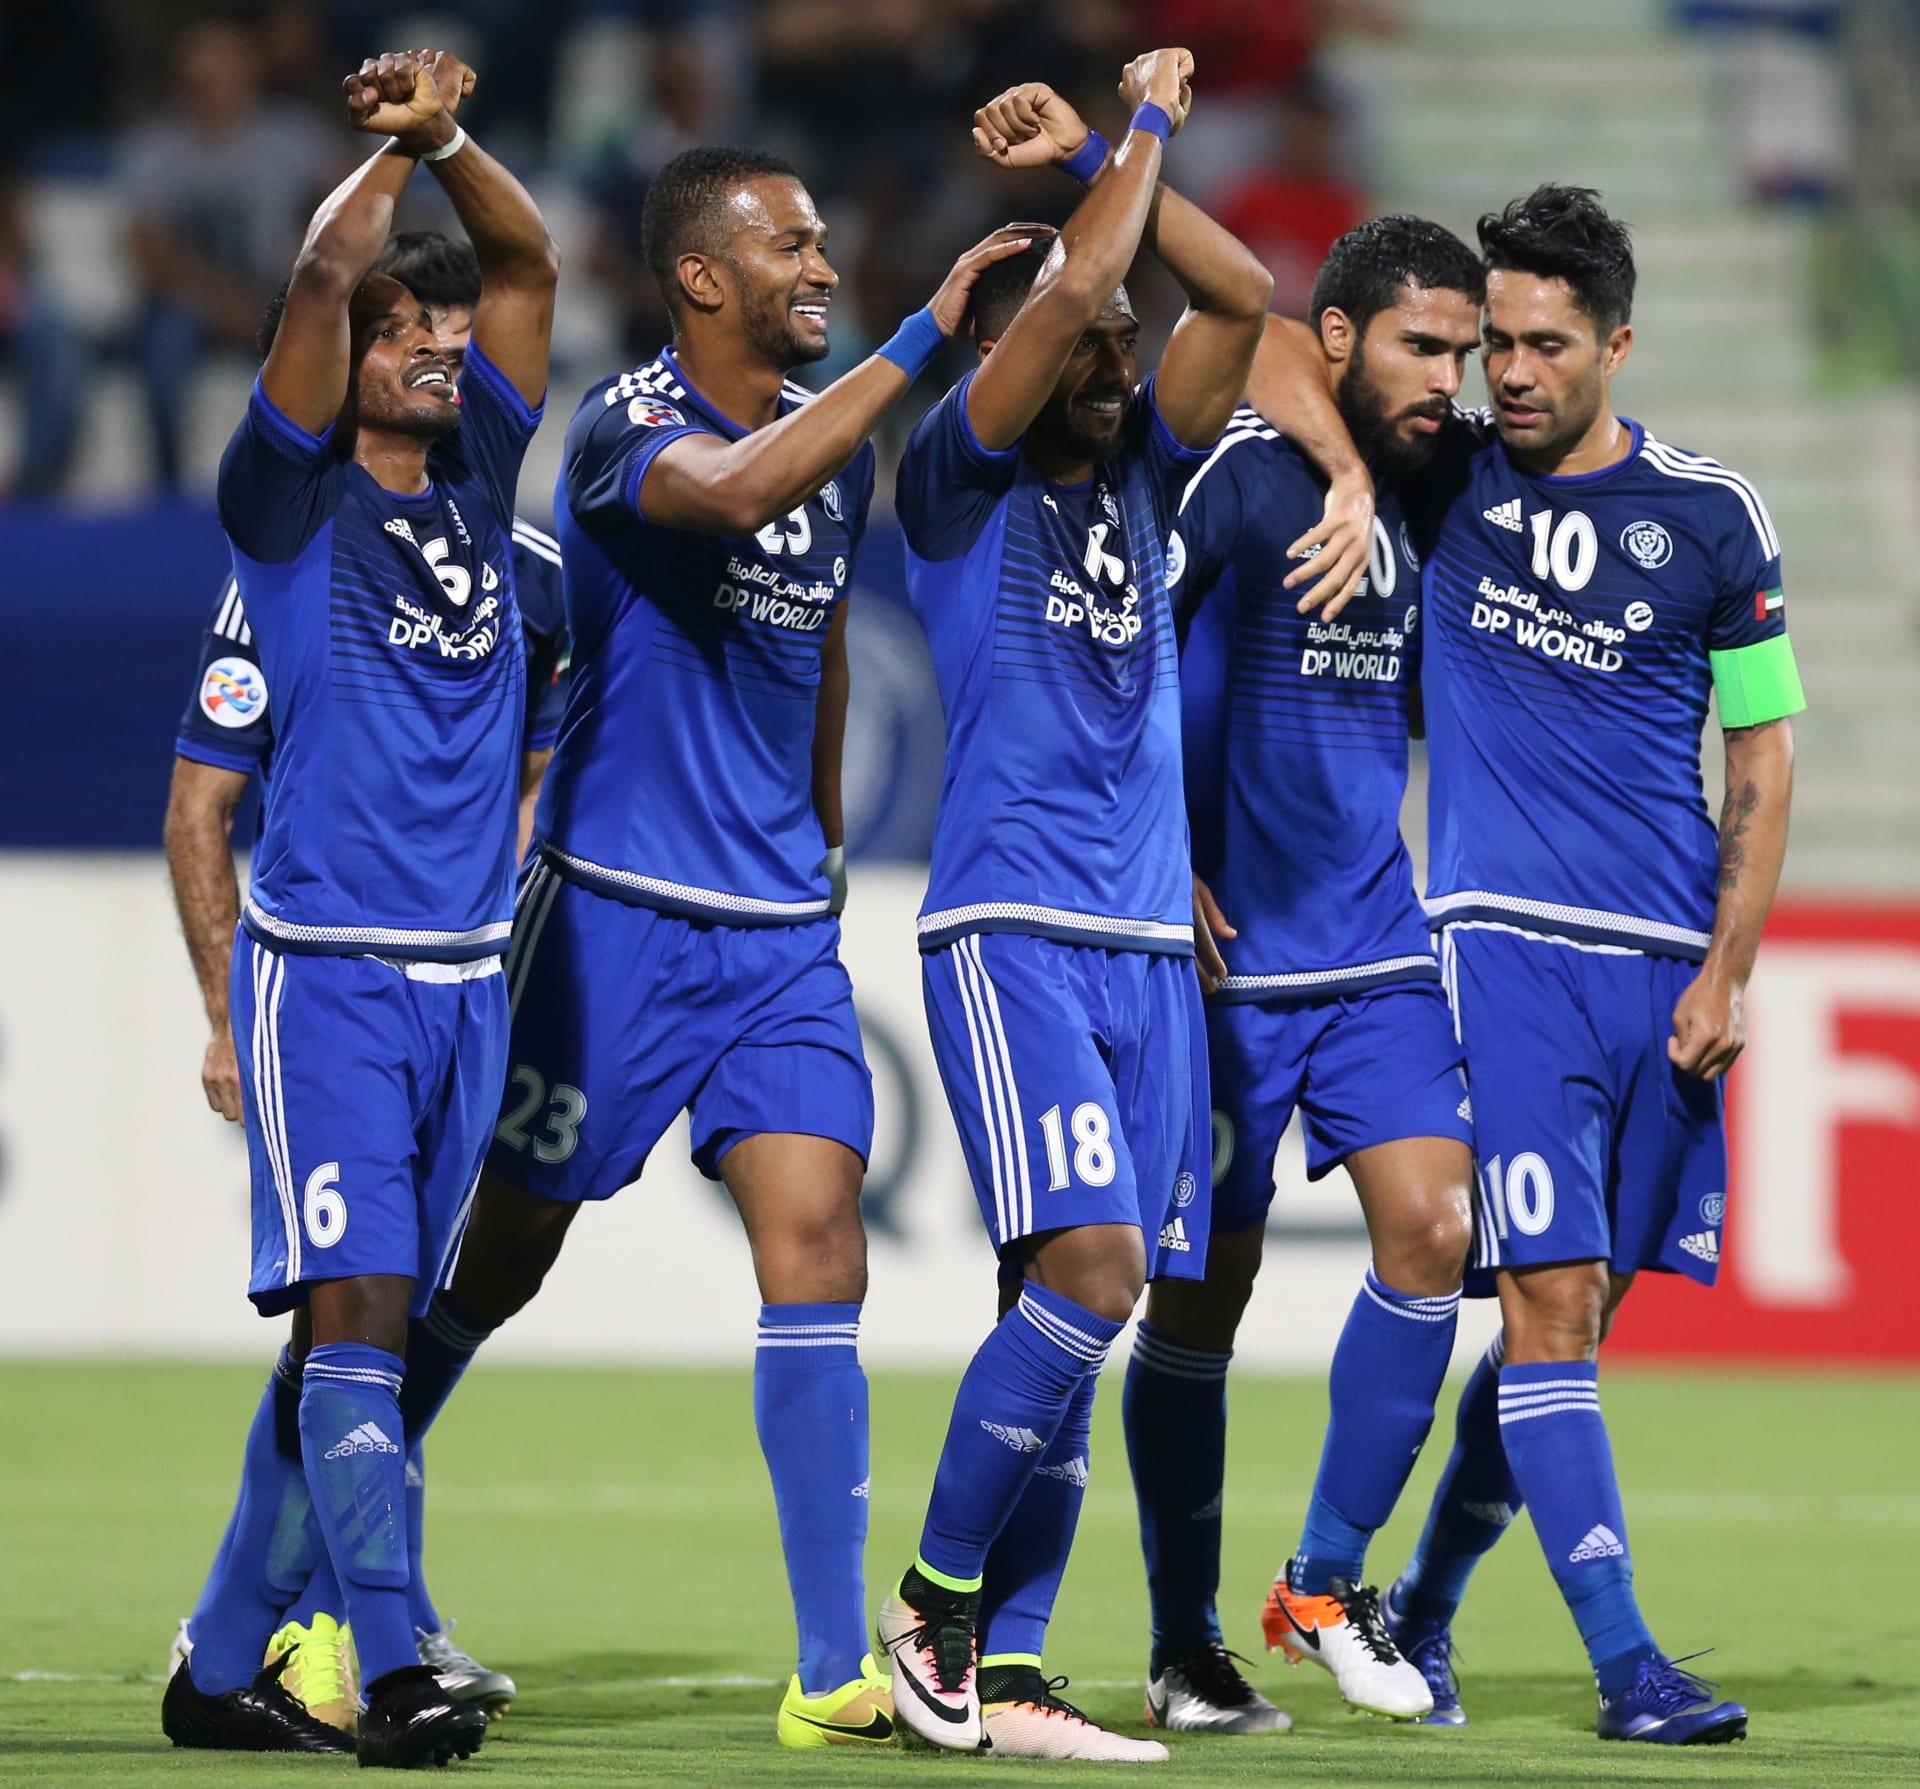 النصر في ربع نهائي دوري الأبطال للمرة الأولى